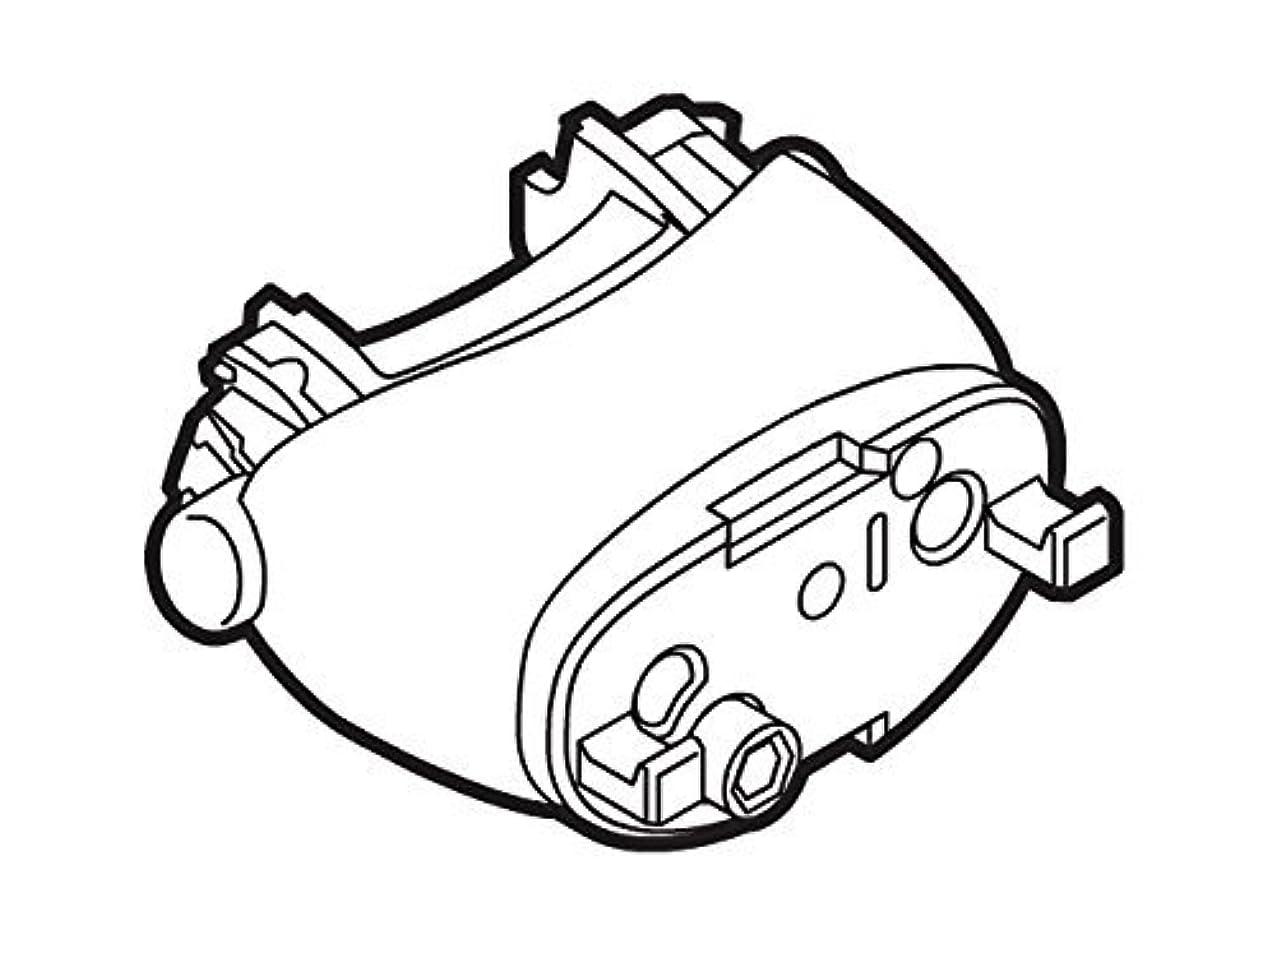 メガロポリス高くエクステントPanasonic 角質クリアヘッド駆動部 ESED91W4067